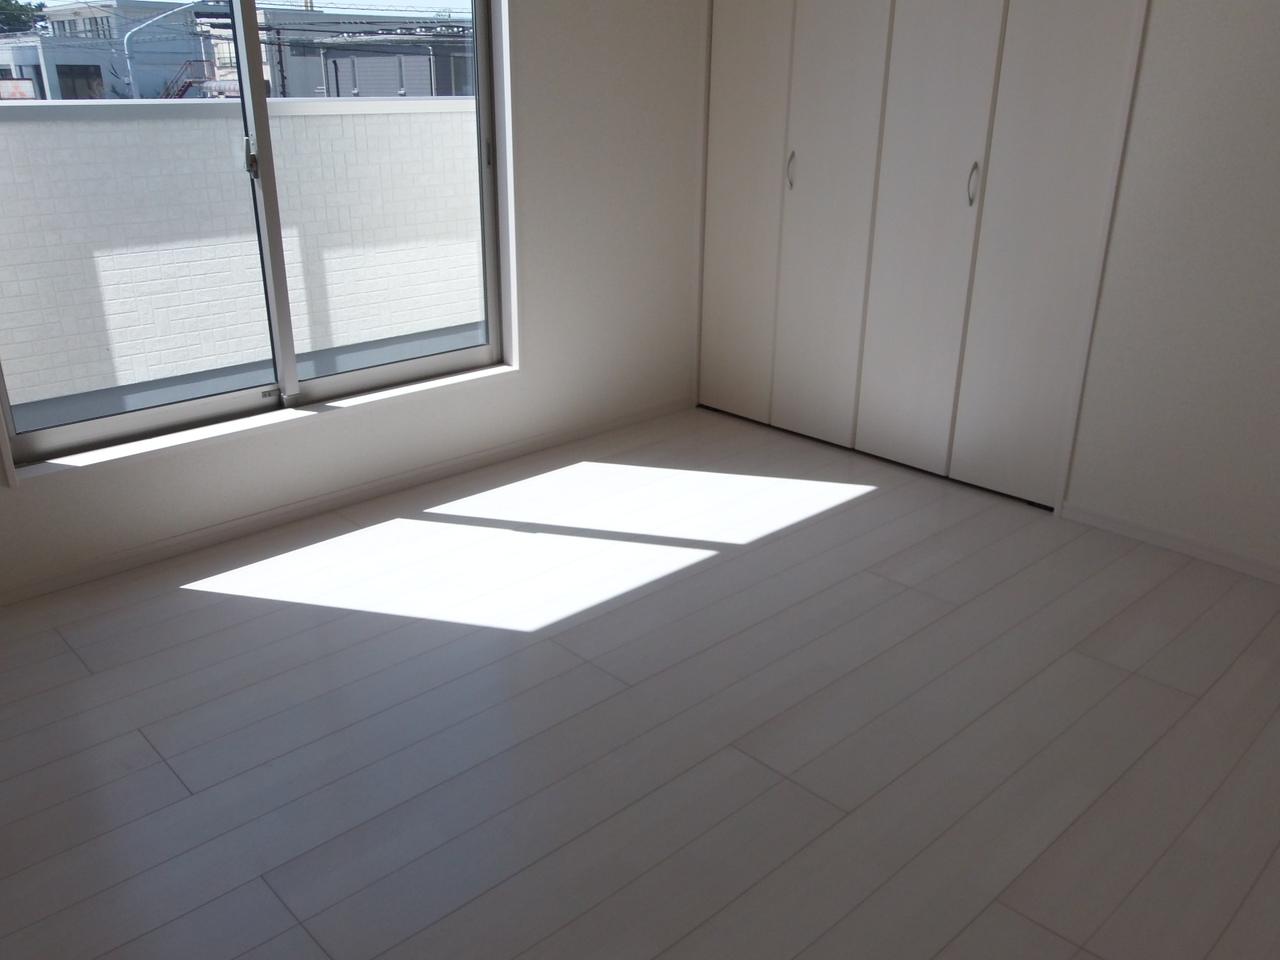 2階 7帖洋室 ルーフバルコニーに出入りができる日当たり良好な居室です